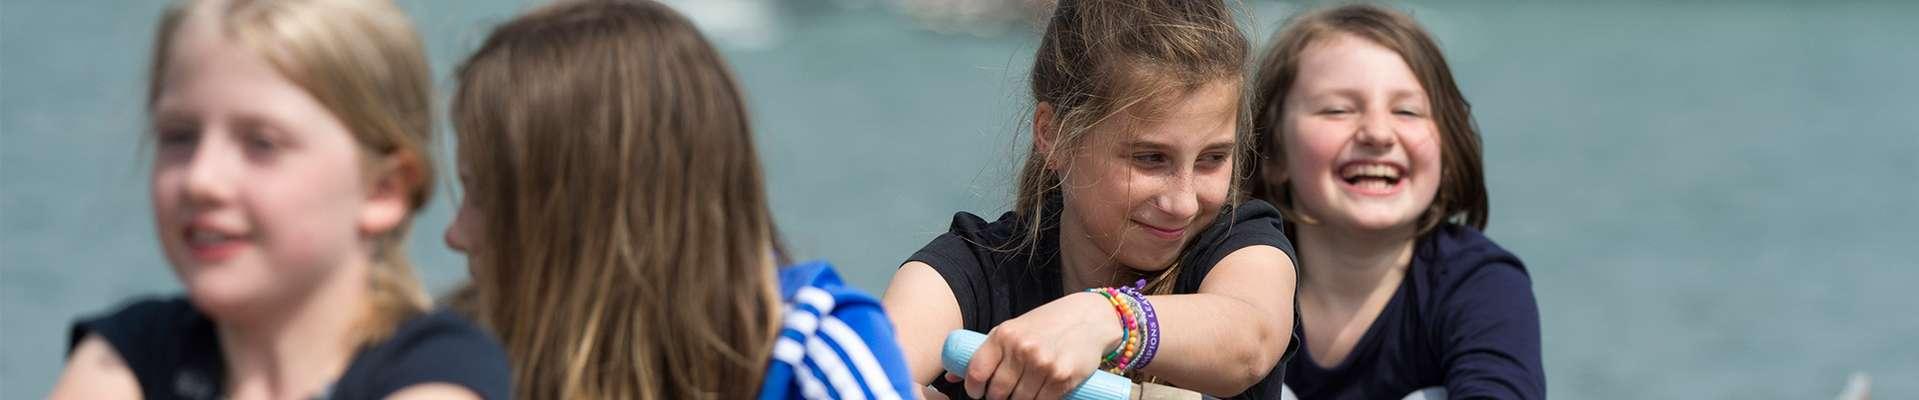 Headerbild Unser Engagement für Schulsport und Ganztag: Mädchen im Ruderboot